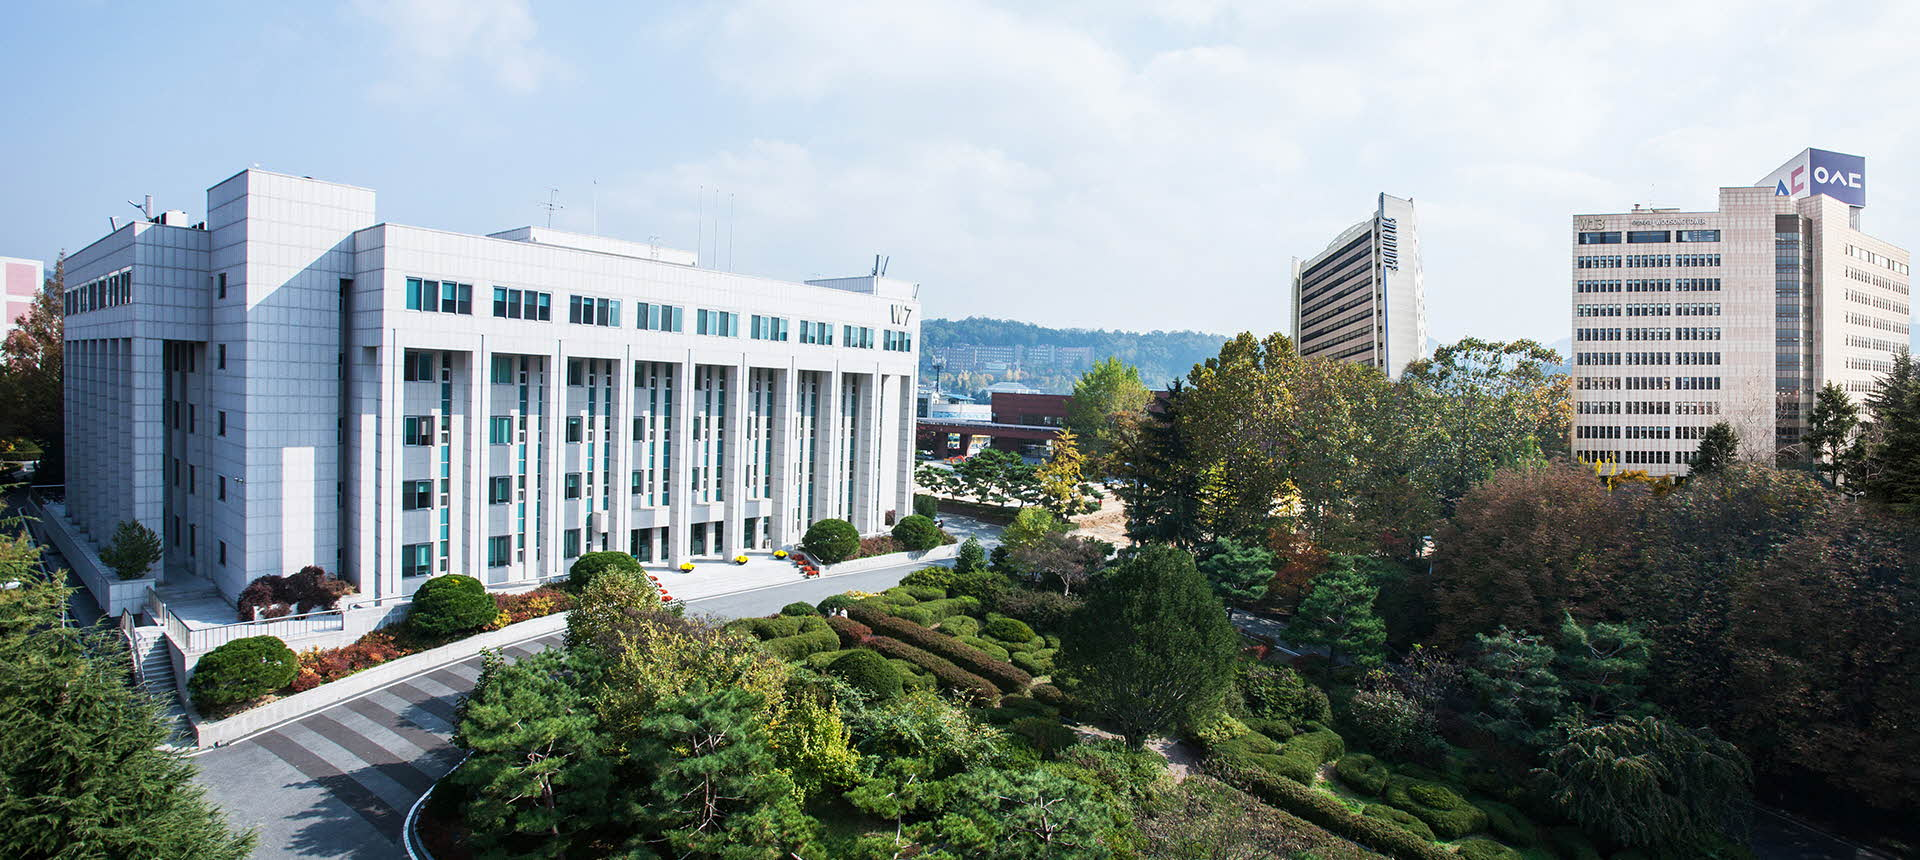 Sol International School là trường Hàn Quốc duy nhất giảng dạy hai nhóm ngành hot là Truyền thông và Du lịch với học bổng lên tới 70%